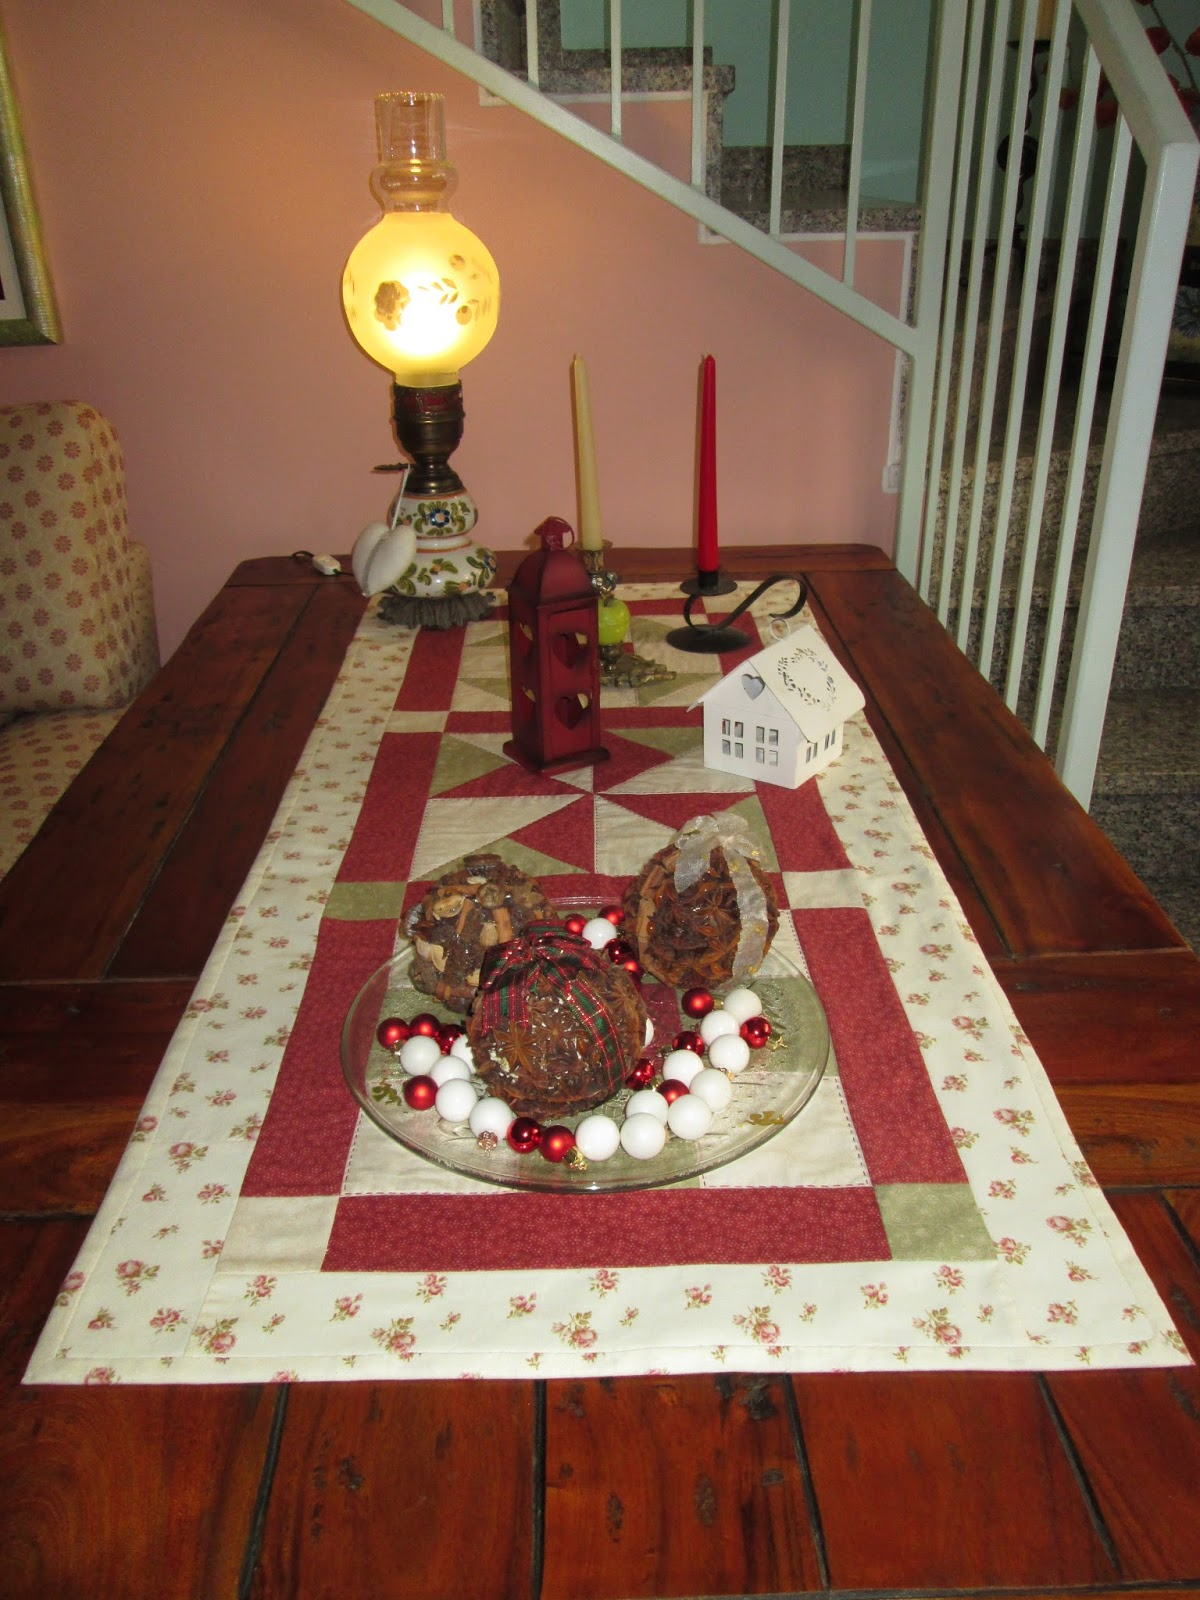 Carmen country colorare creare cucire cucito natalizio - Runner per tavolo ...